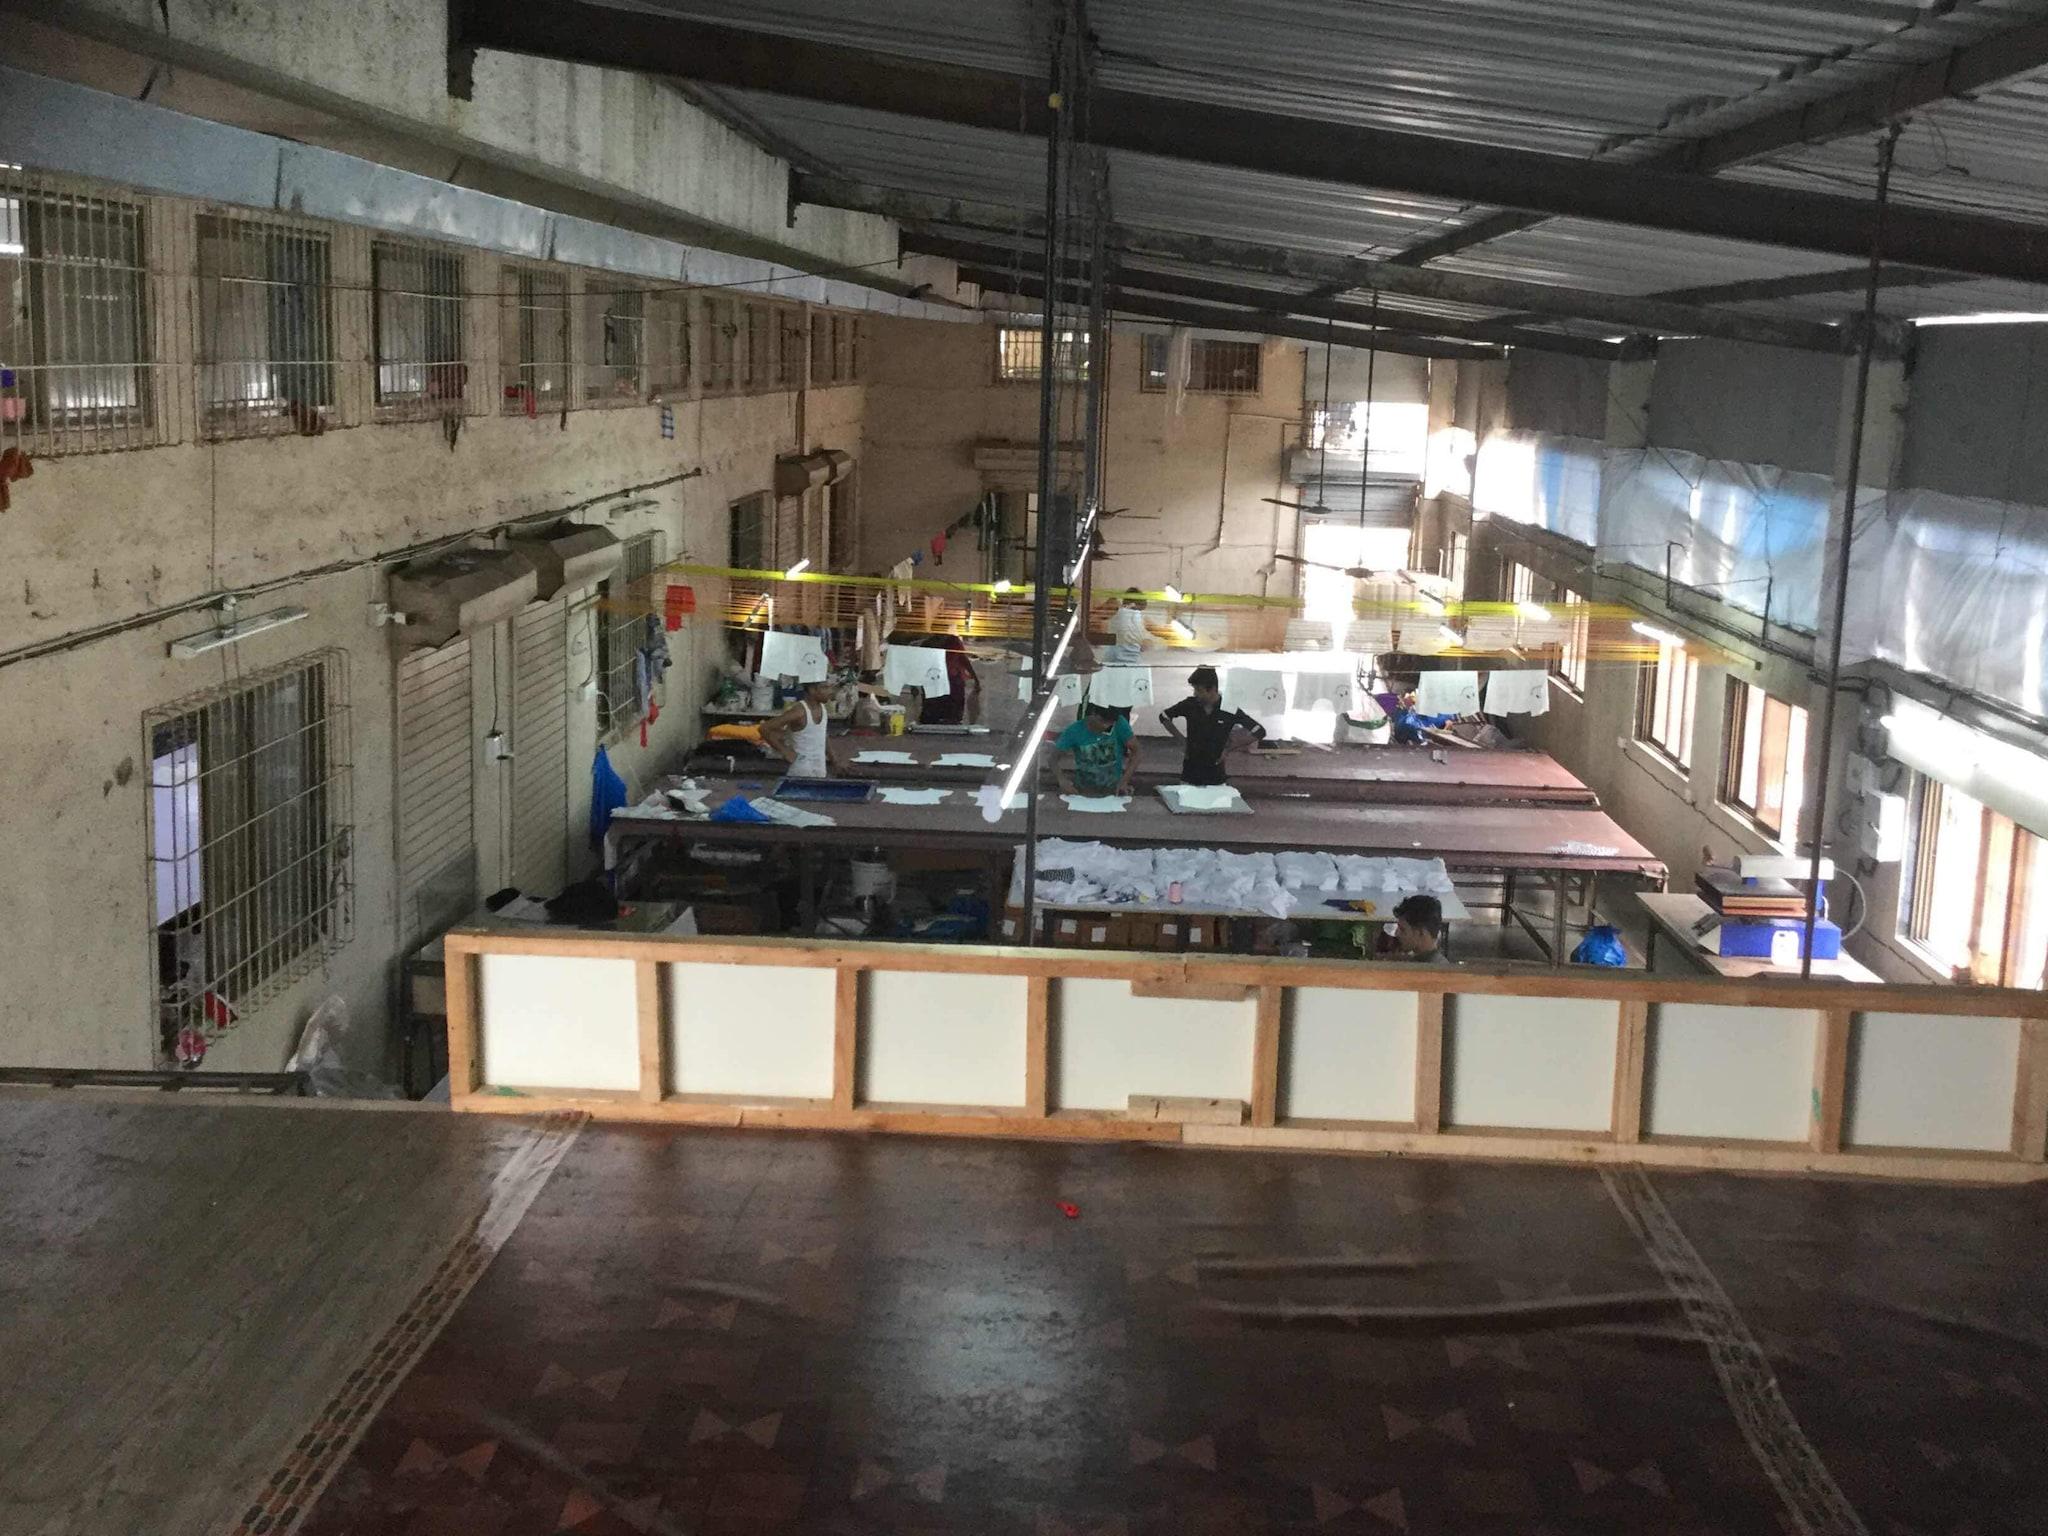 Top 100 Screen Printers For Garment in Bhiwandi, Mumbai - Justdial